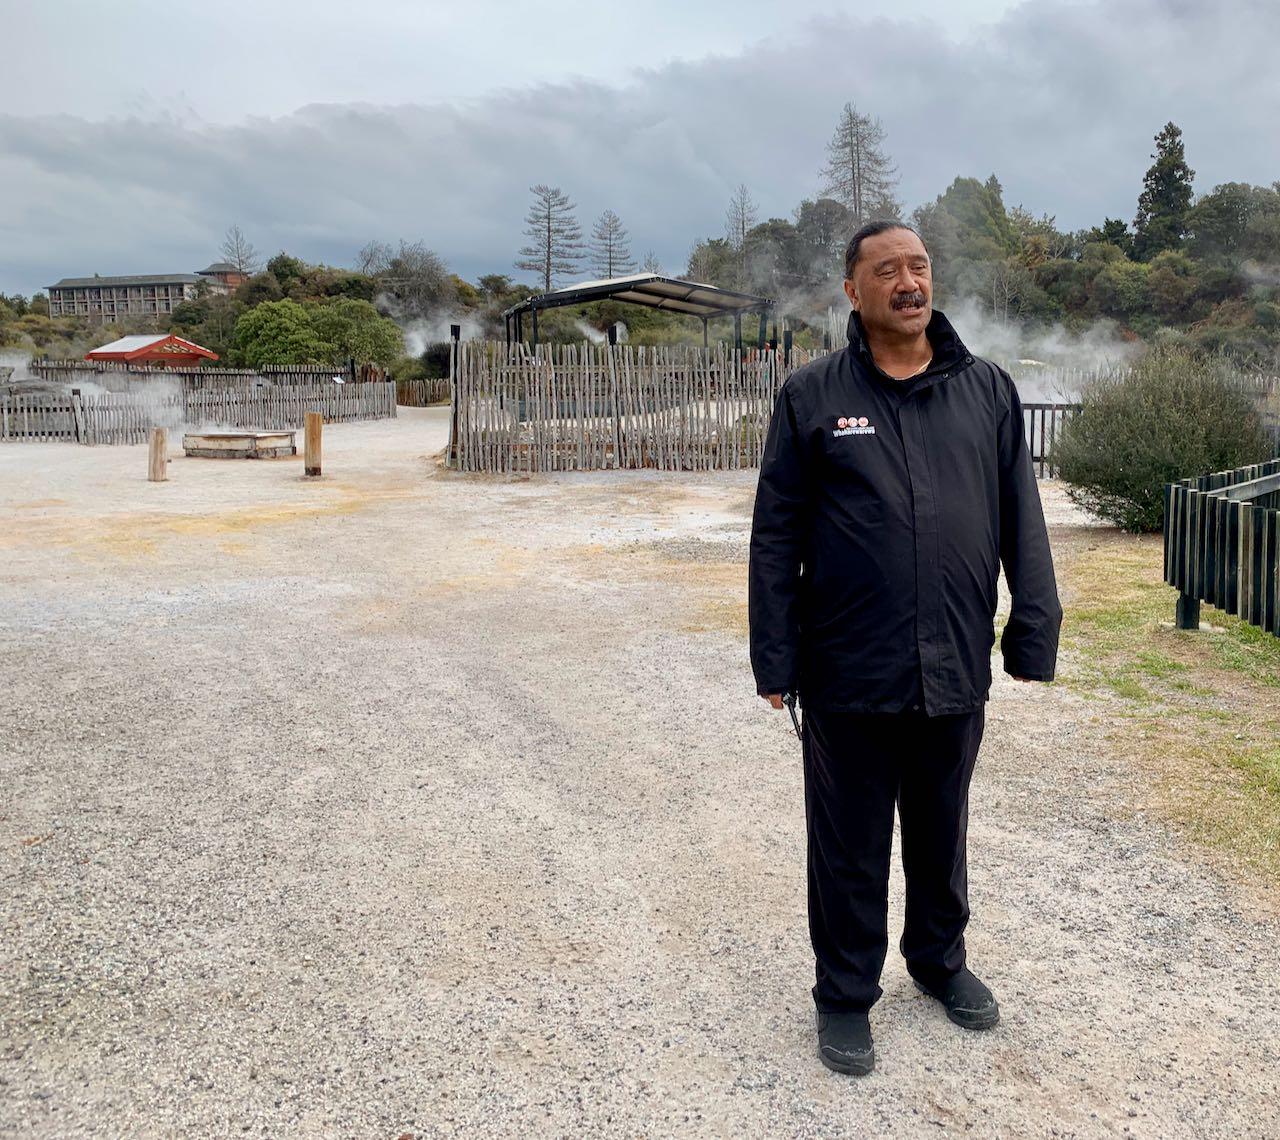 Guided tour, Whakarewarewa, A Geothermal Māori Village